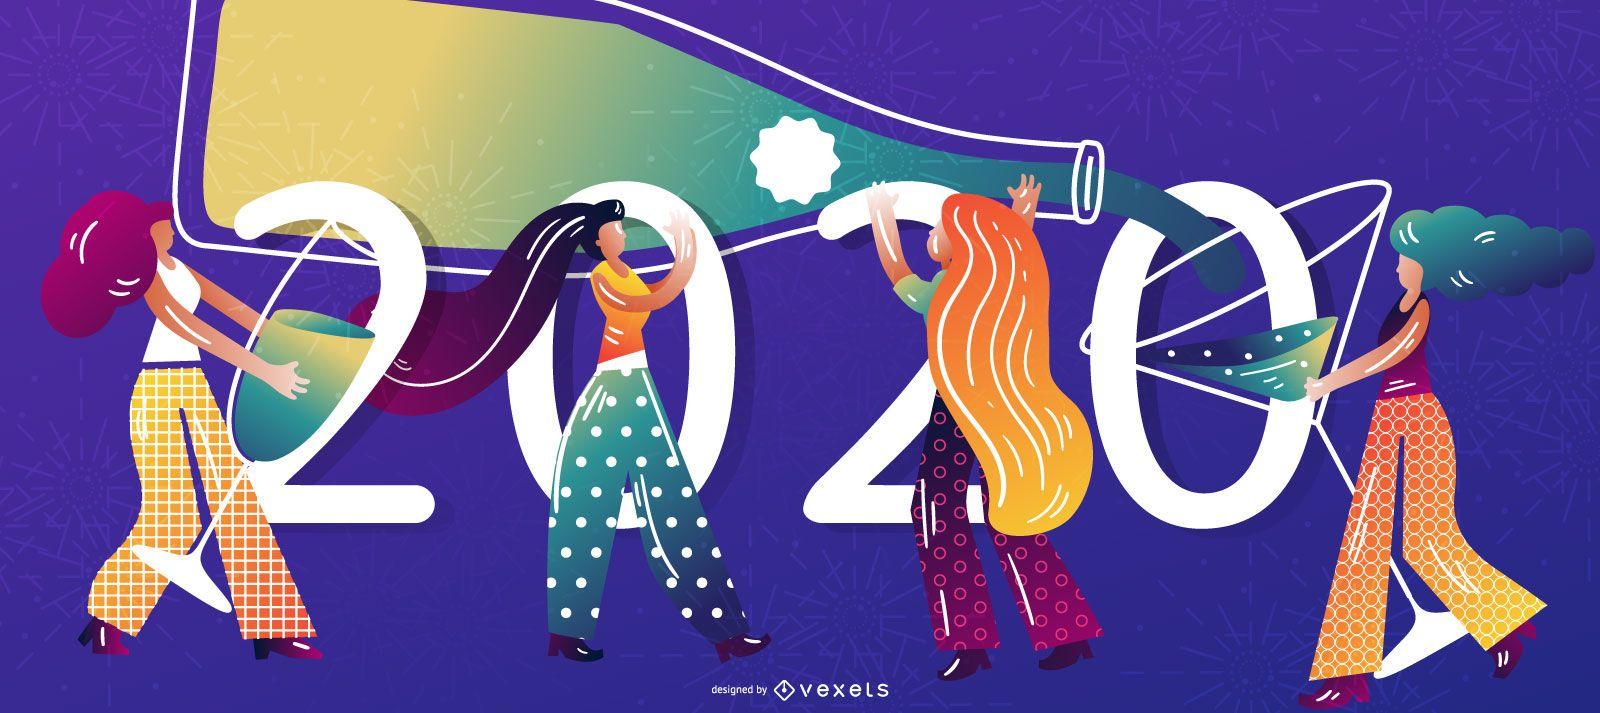 Happy 2020 Character Banner Design